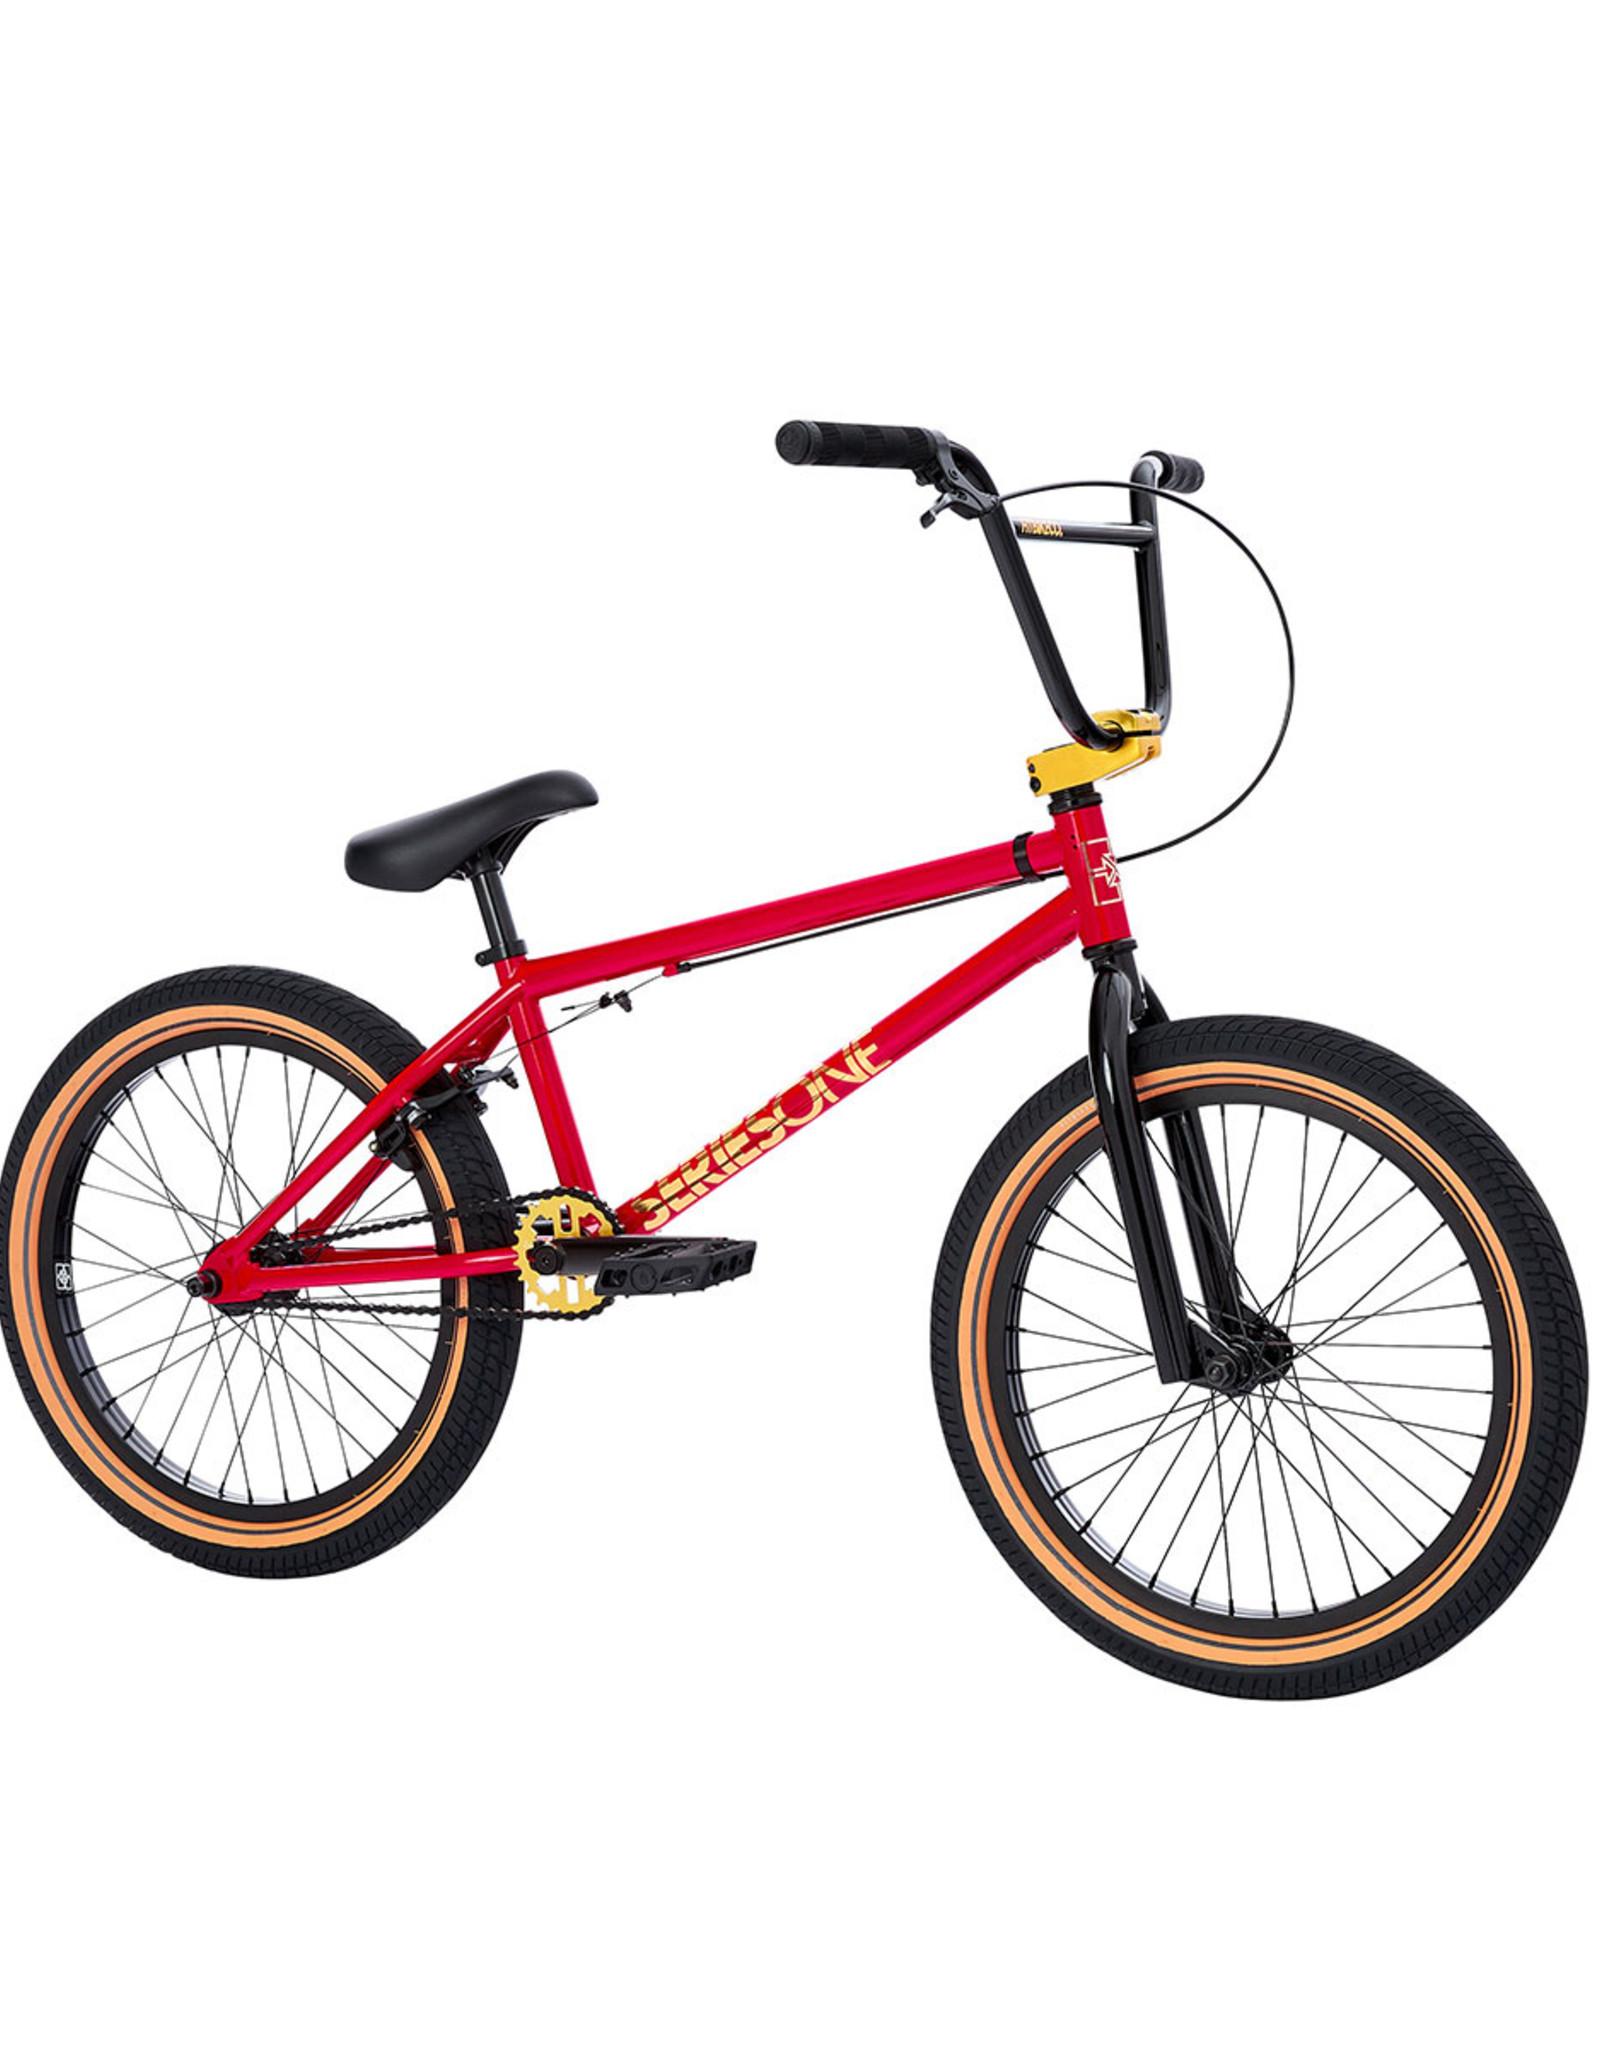 FIT Bike Co Fit Bike Co 2021 Series One